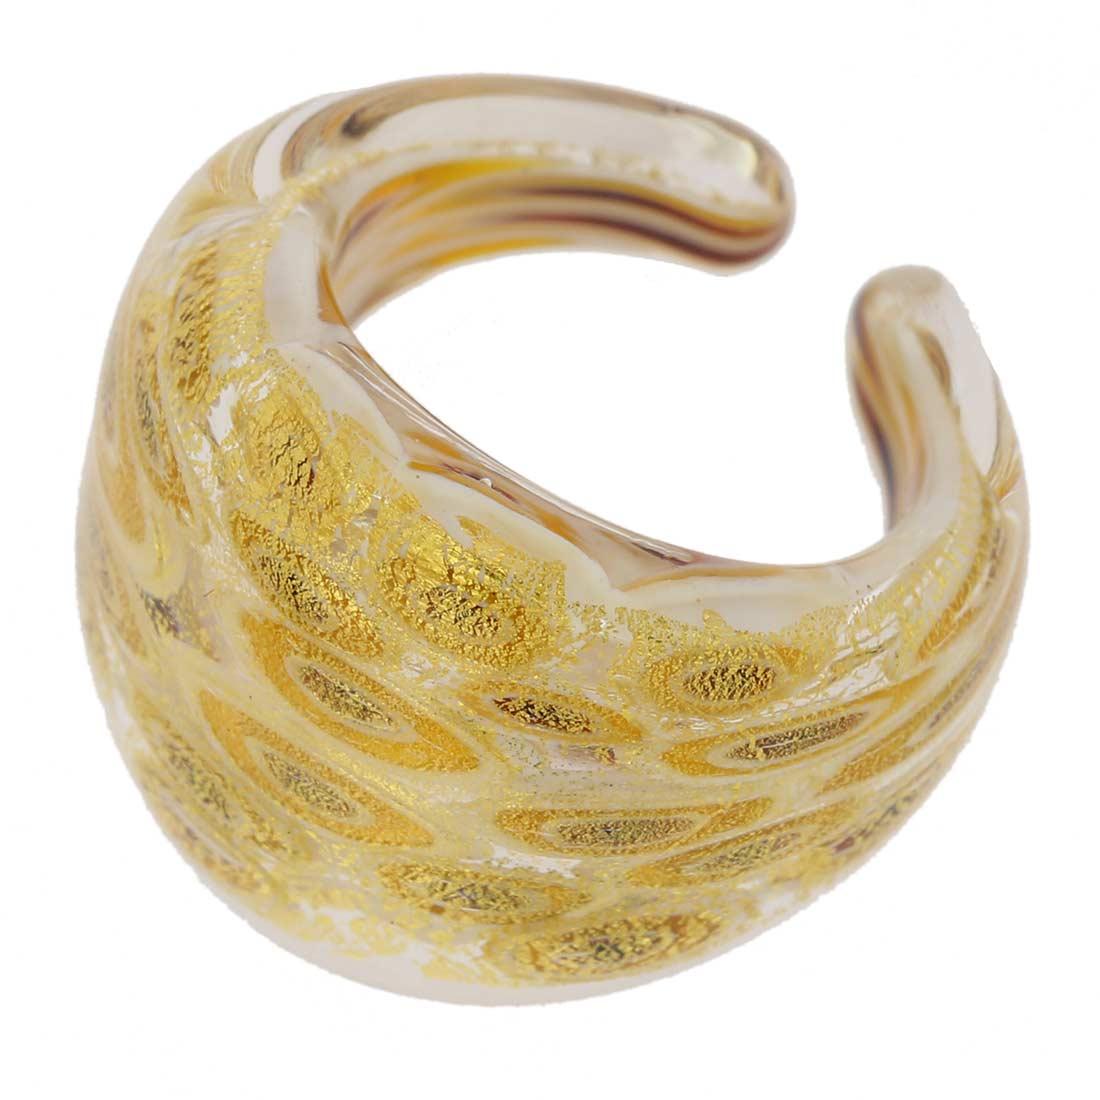 Murano Millefiori Ring In Domed Design - Gold